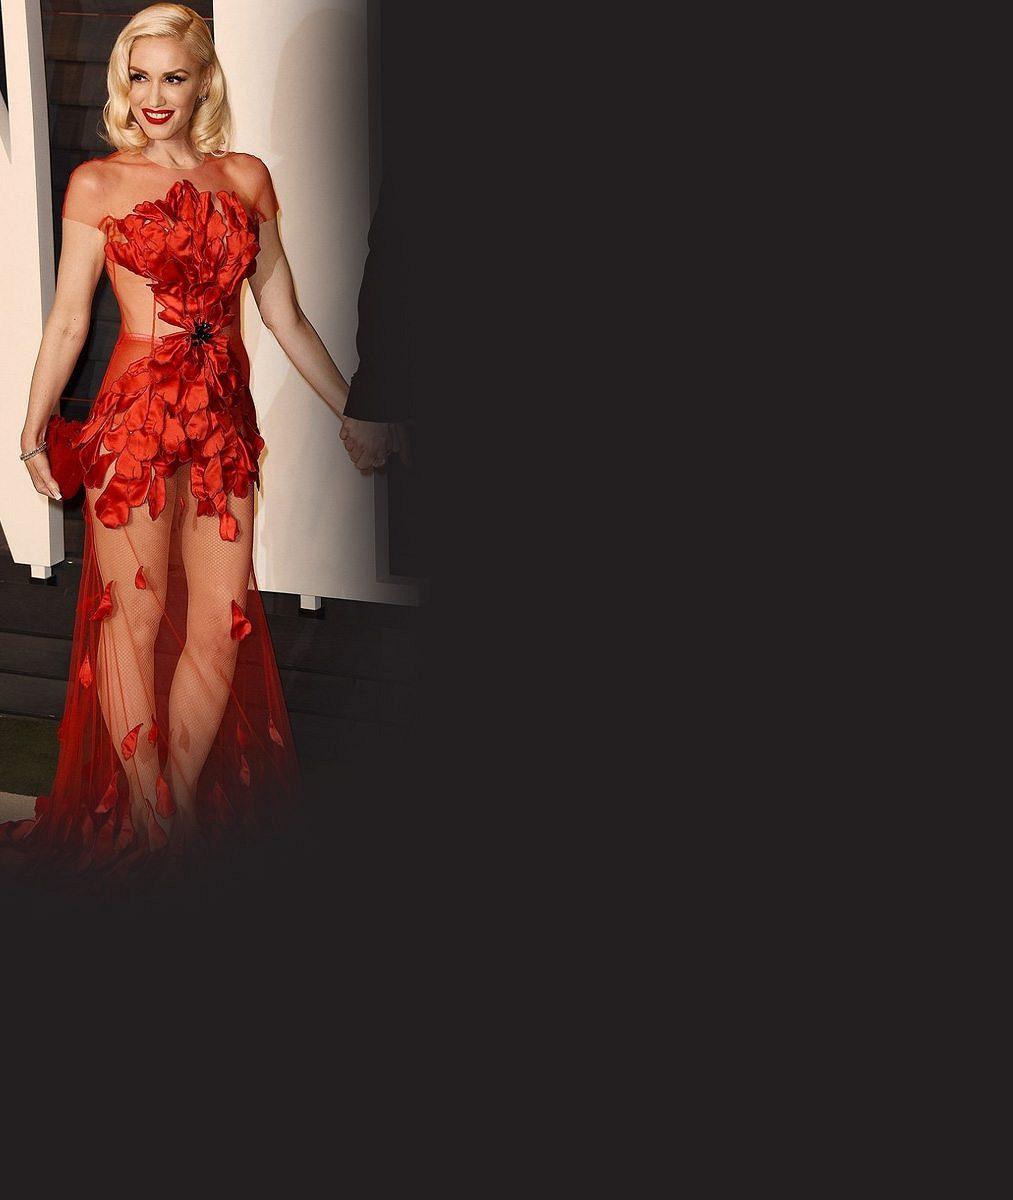 Rozvedená zpěvačka (46) je po boku nového milence ještě přitažlivější: Takhle odvážné šaty by se zdráhaly nosit idvacítky